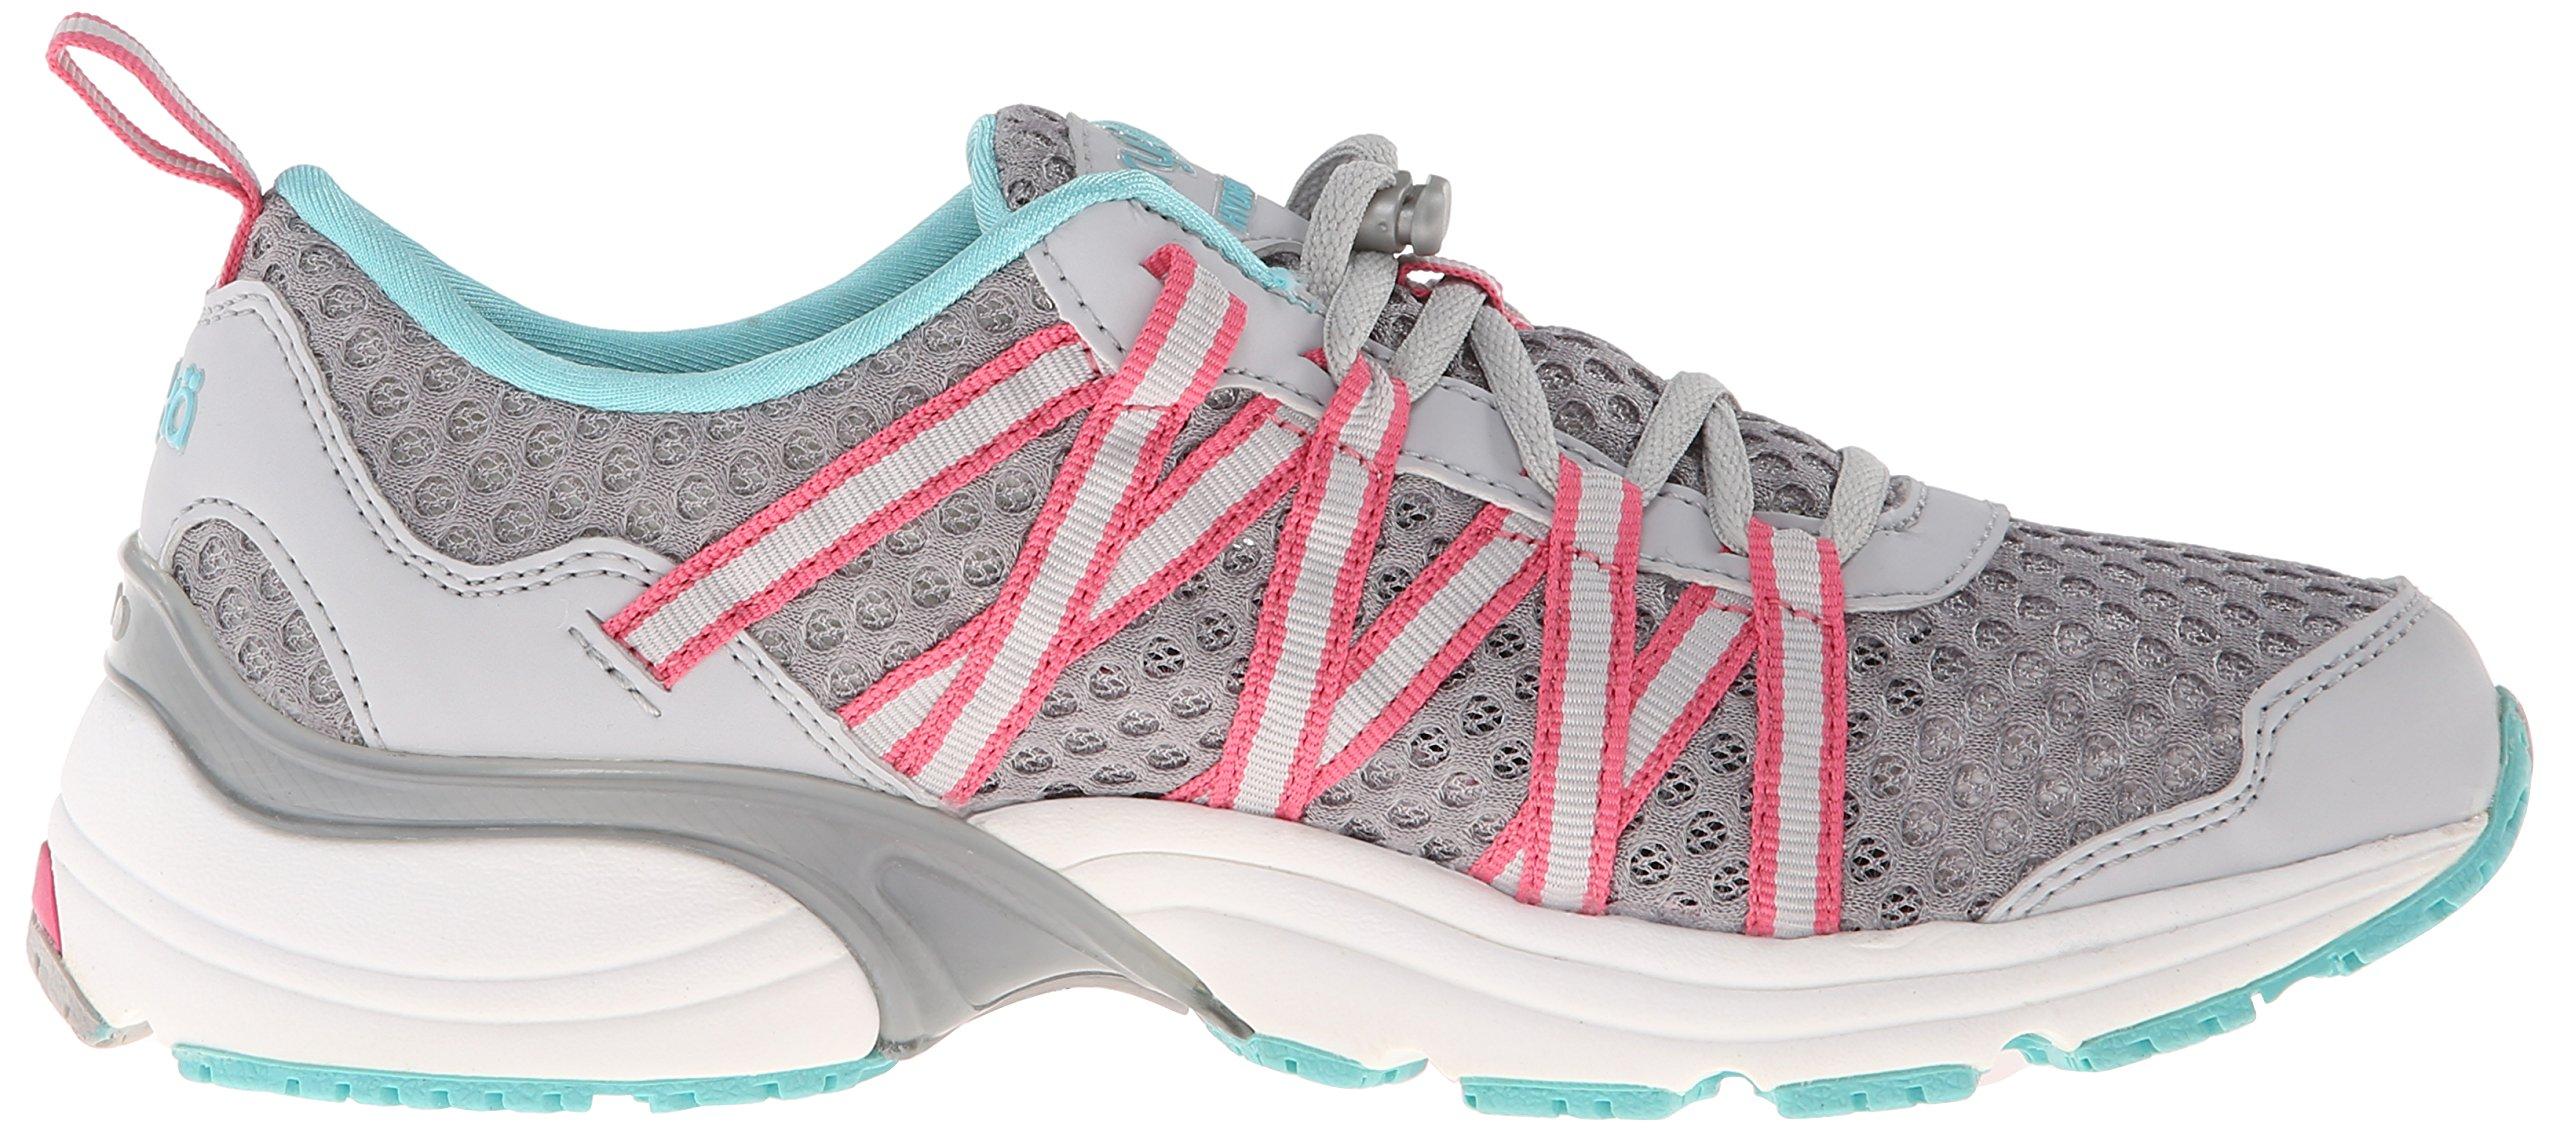 RYKA Women's Hydro Sport Water Shoe Cross-Training Shoe